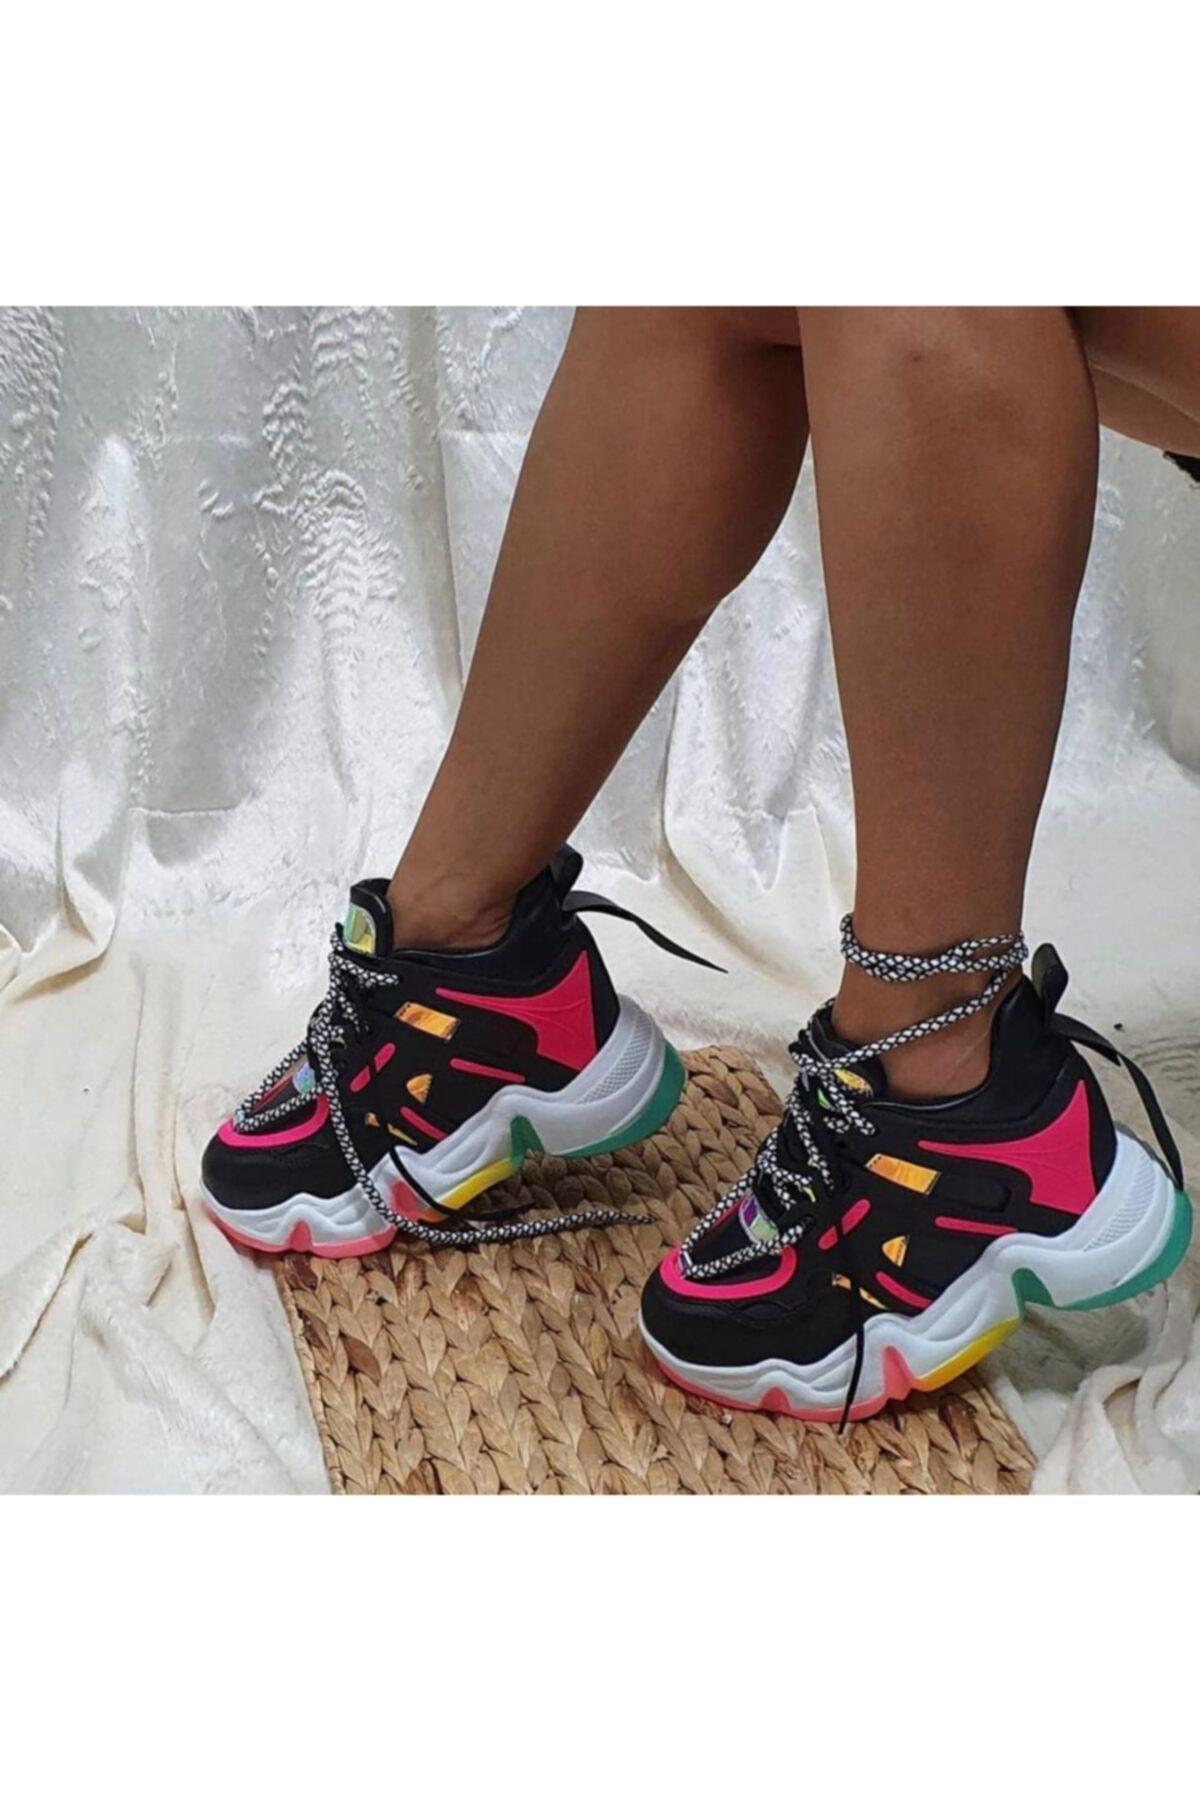 Shero shoes Goma Içden Dolgu 1